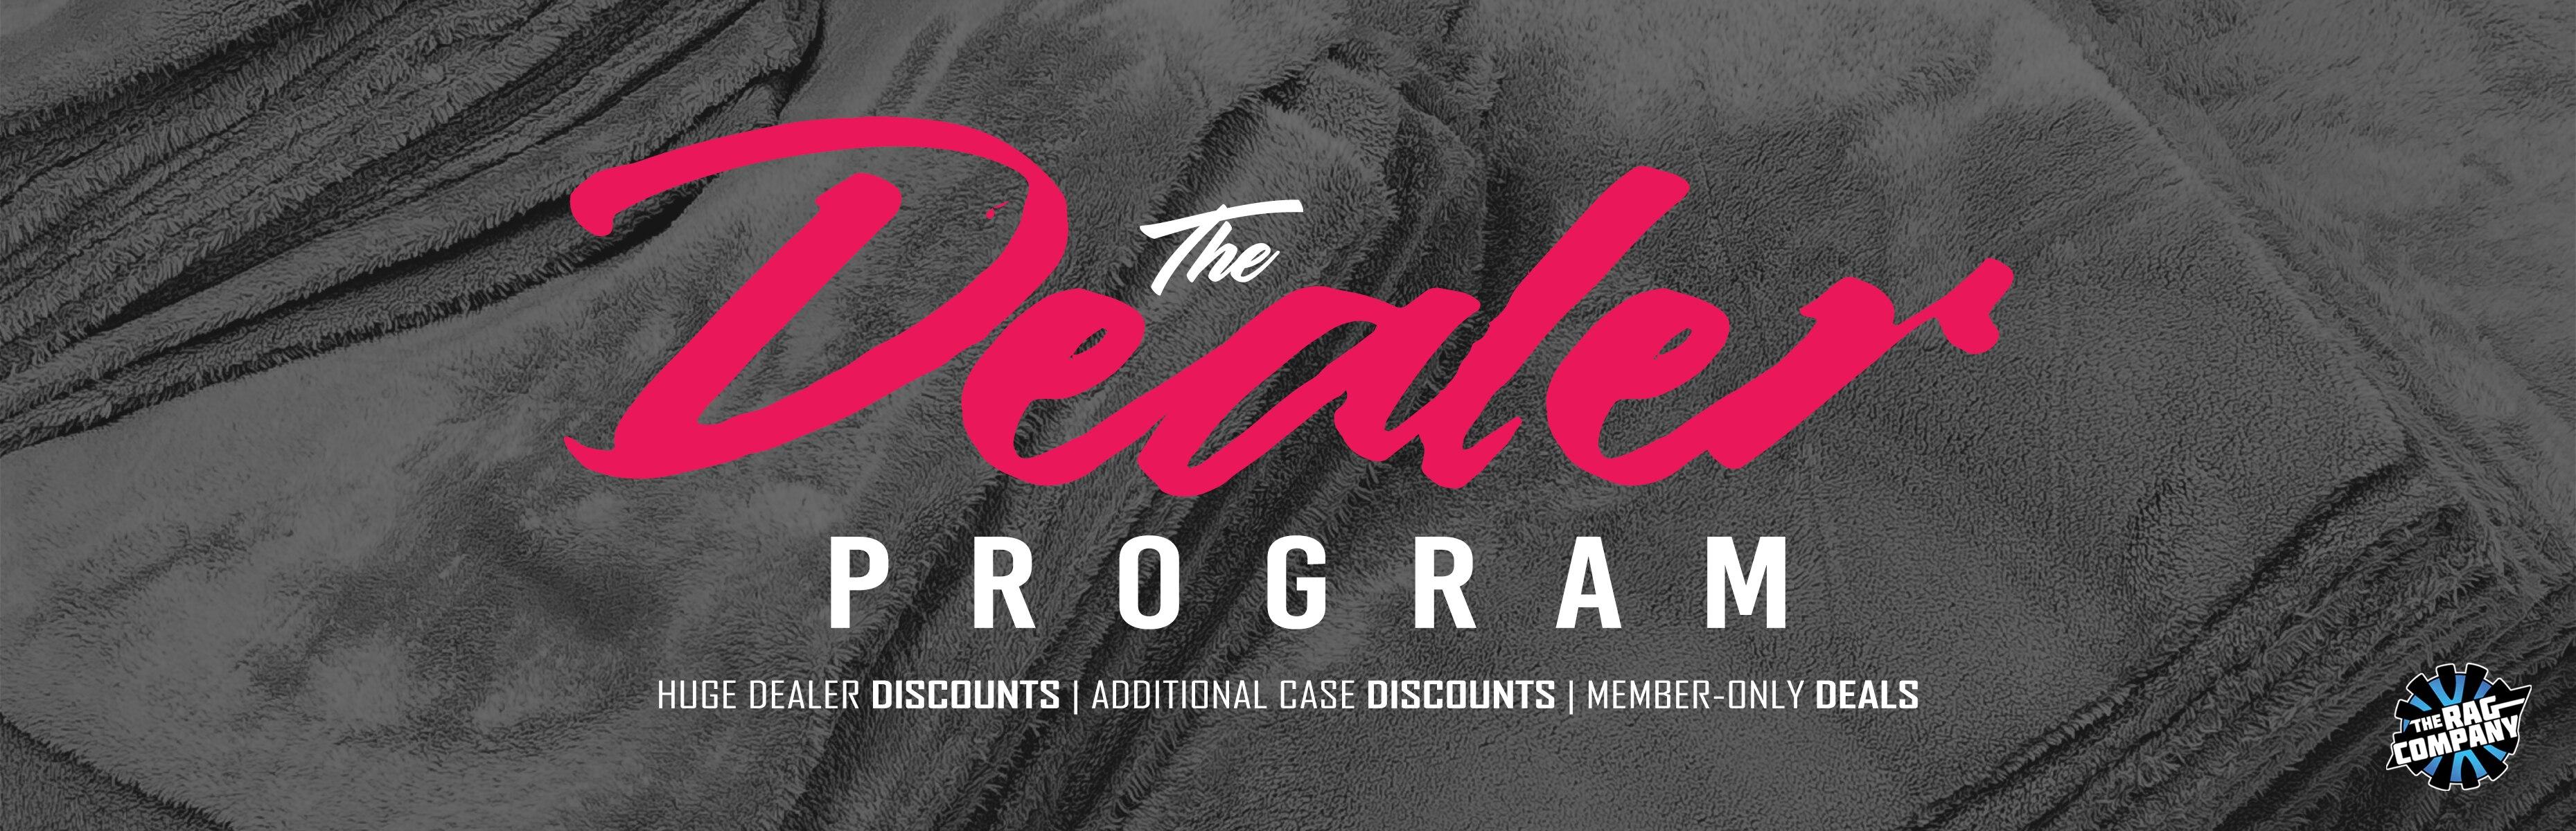 the-dealer-program-82725.jpg